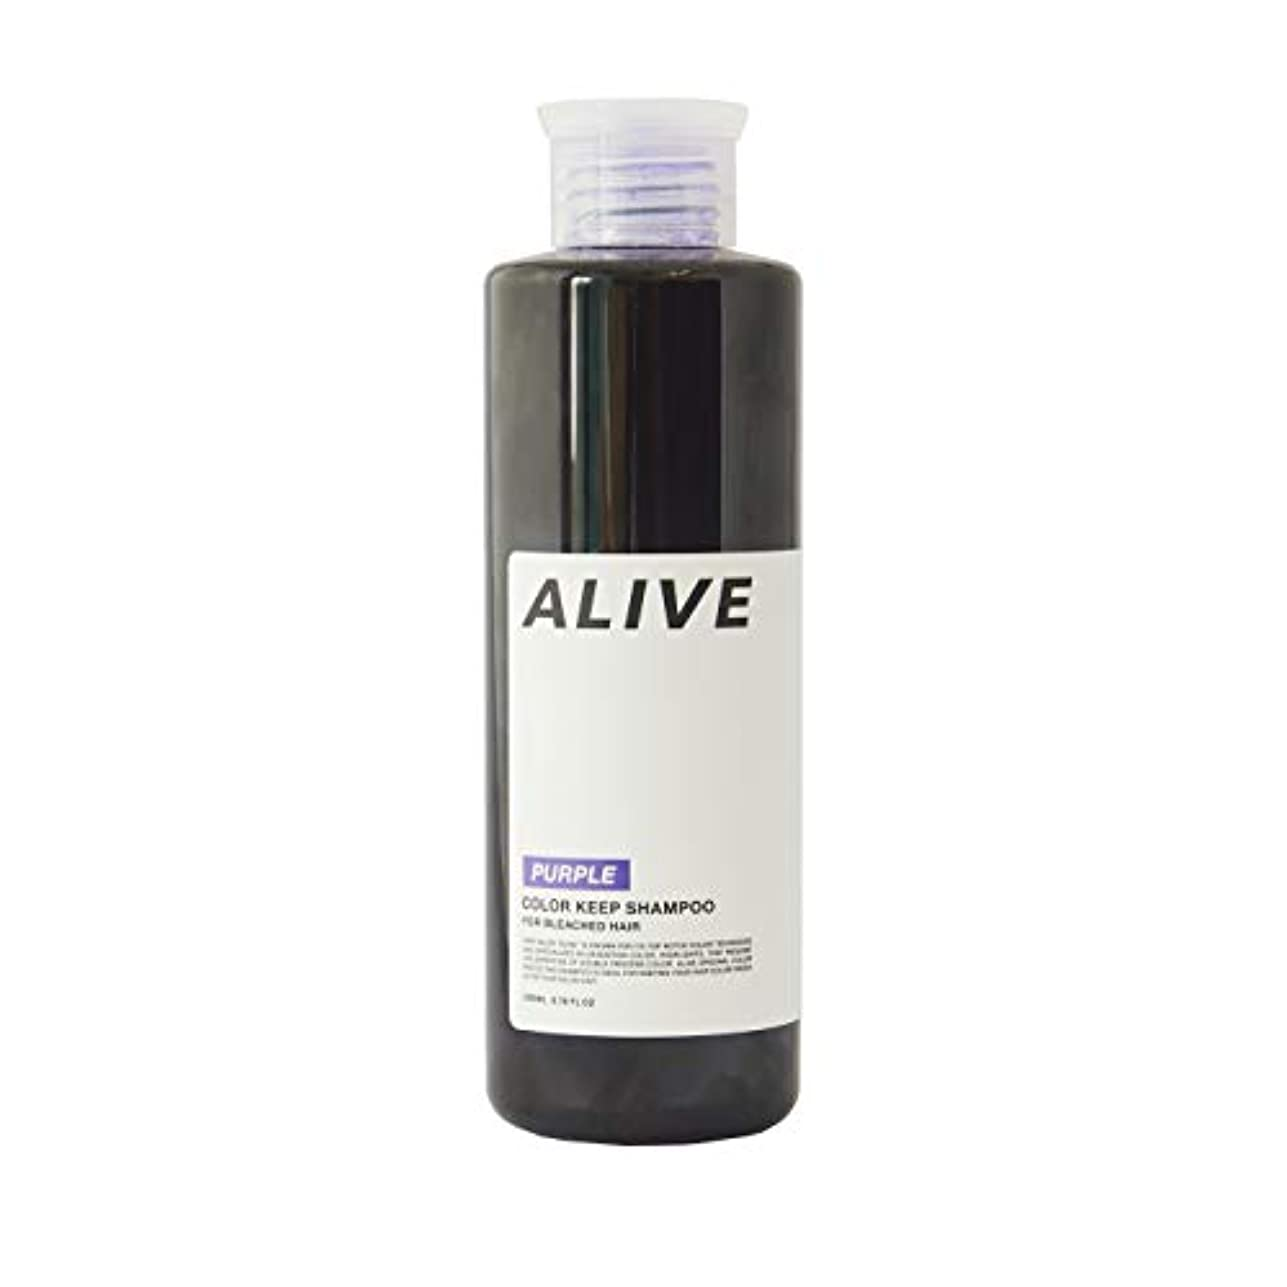 置換害味方ALIVE アライブ カラーシャンプー 極濃 紫シャンプー 200ml ムラサキ パープル ムラシャン ムラサキシャンプー